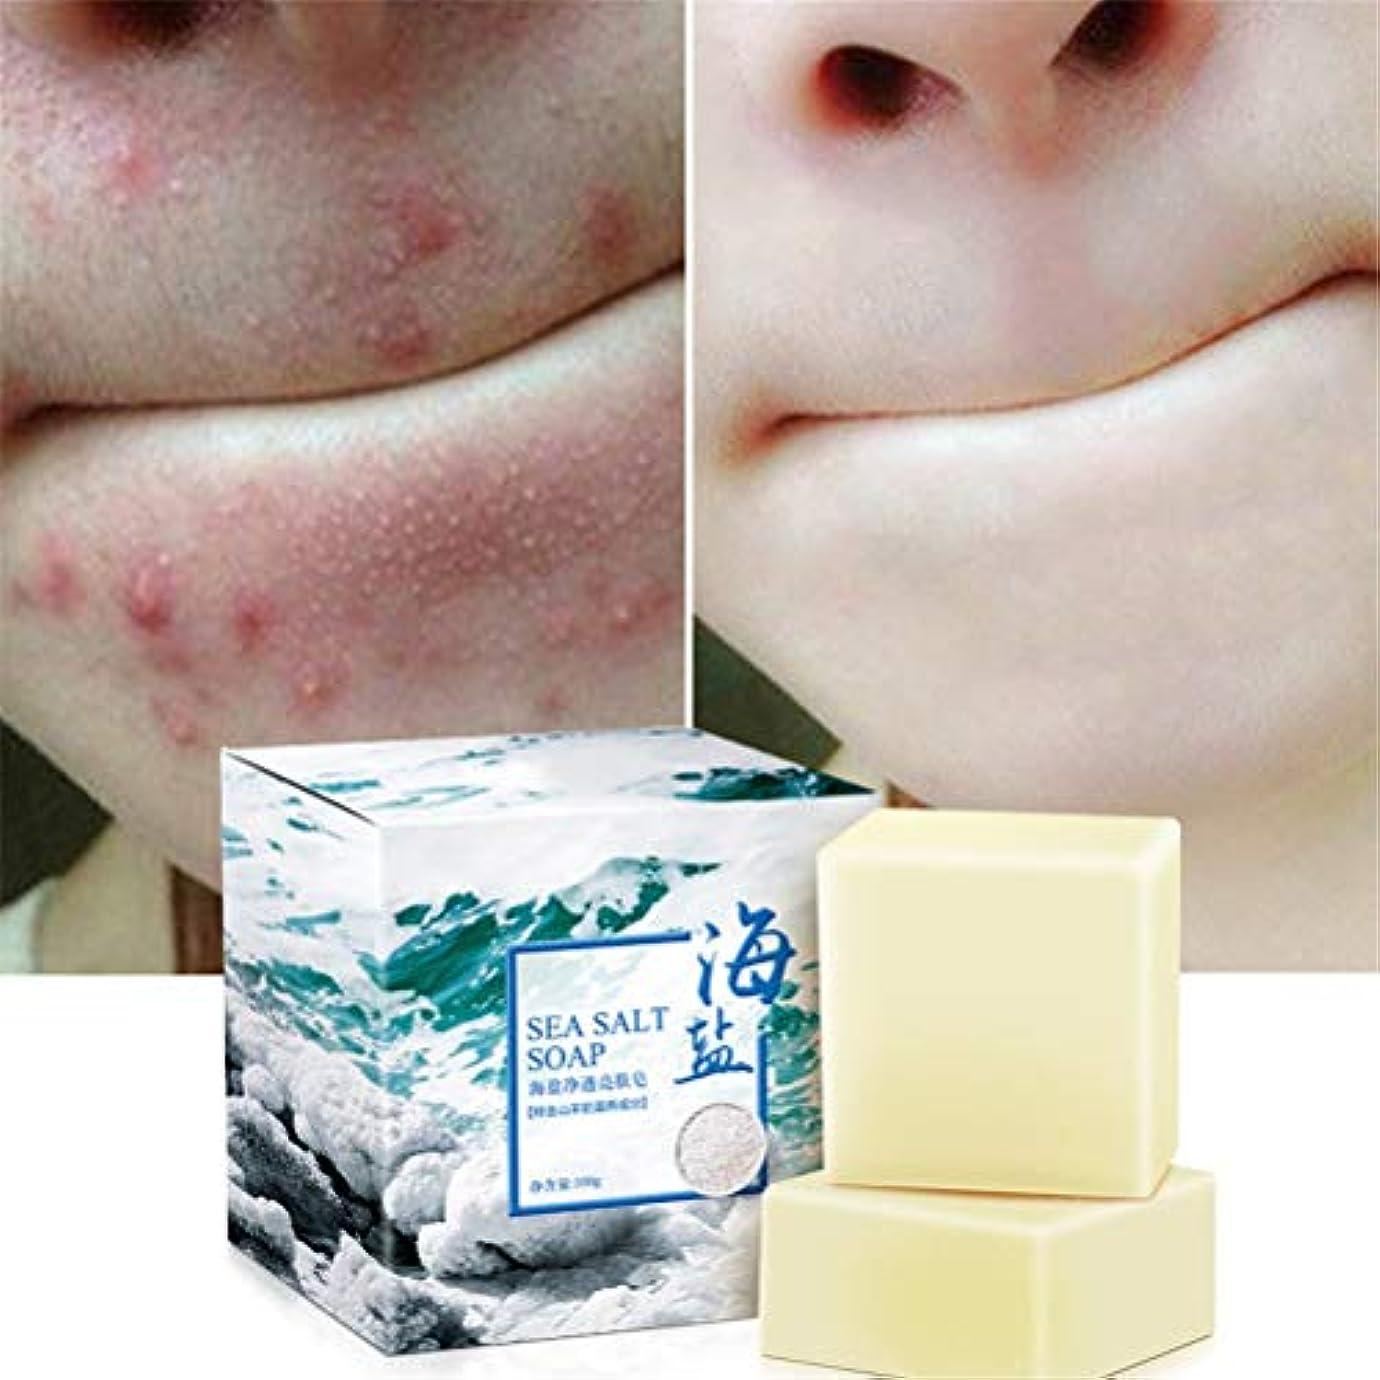 粉砕するかろうじてキャプテンブライsupbel 石鹸 洗顔石鹸 化粧石けん 浴用 全身 顔 ダニ除去 美肌 デリケートゾーン 低刺激 保湿 水分補給 毛穴 自然乾燥仕上げ アルコールフリー いい匂い シャワー用